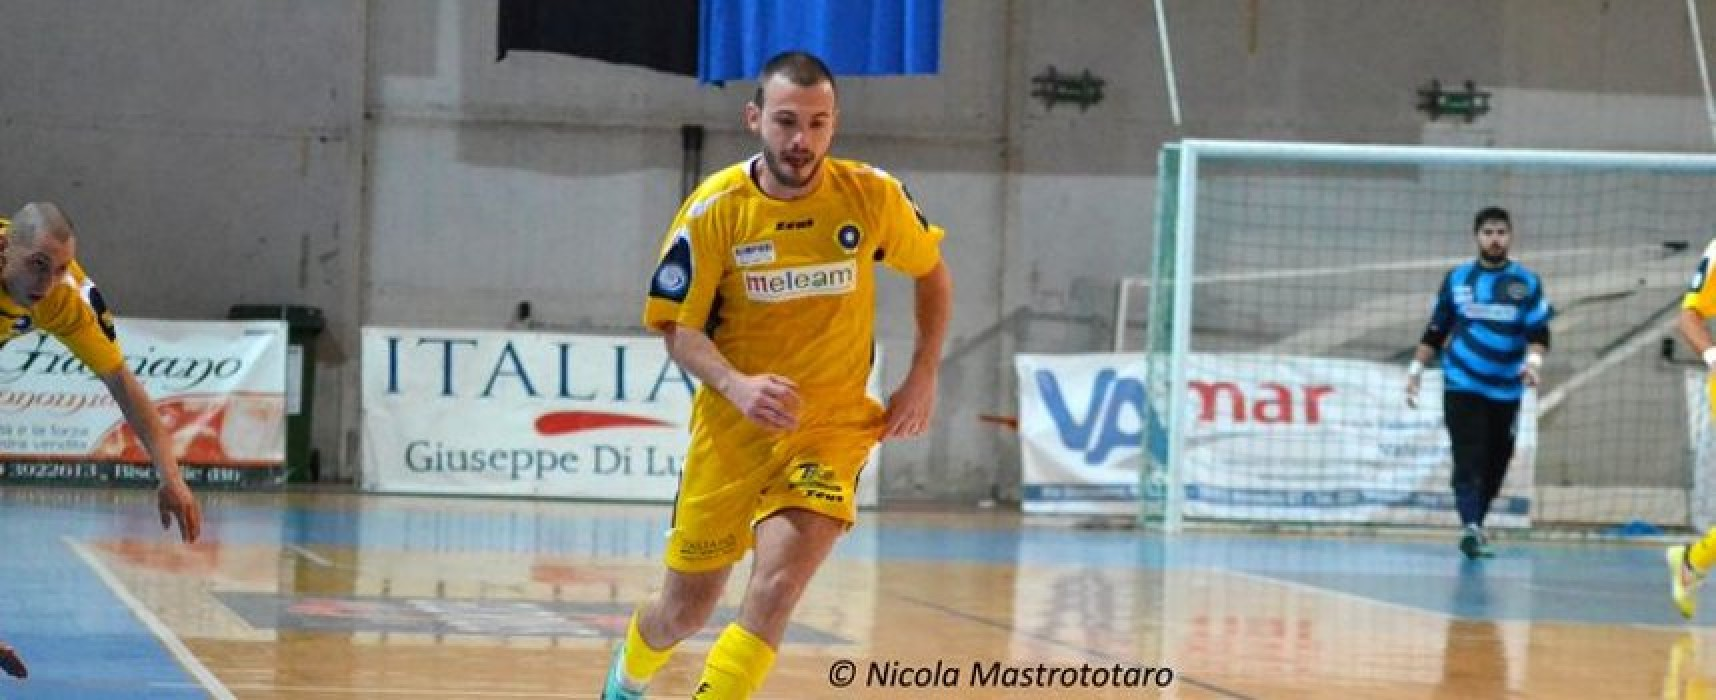 Futsal Bisceglie, confermato il prestito di Giuseppe Russo al San Rocco Ruvo